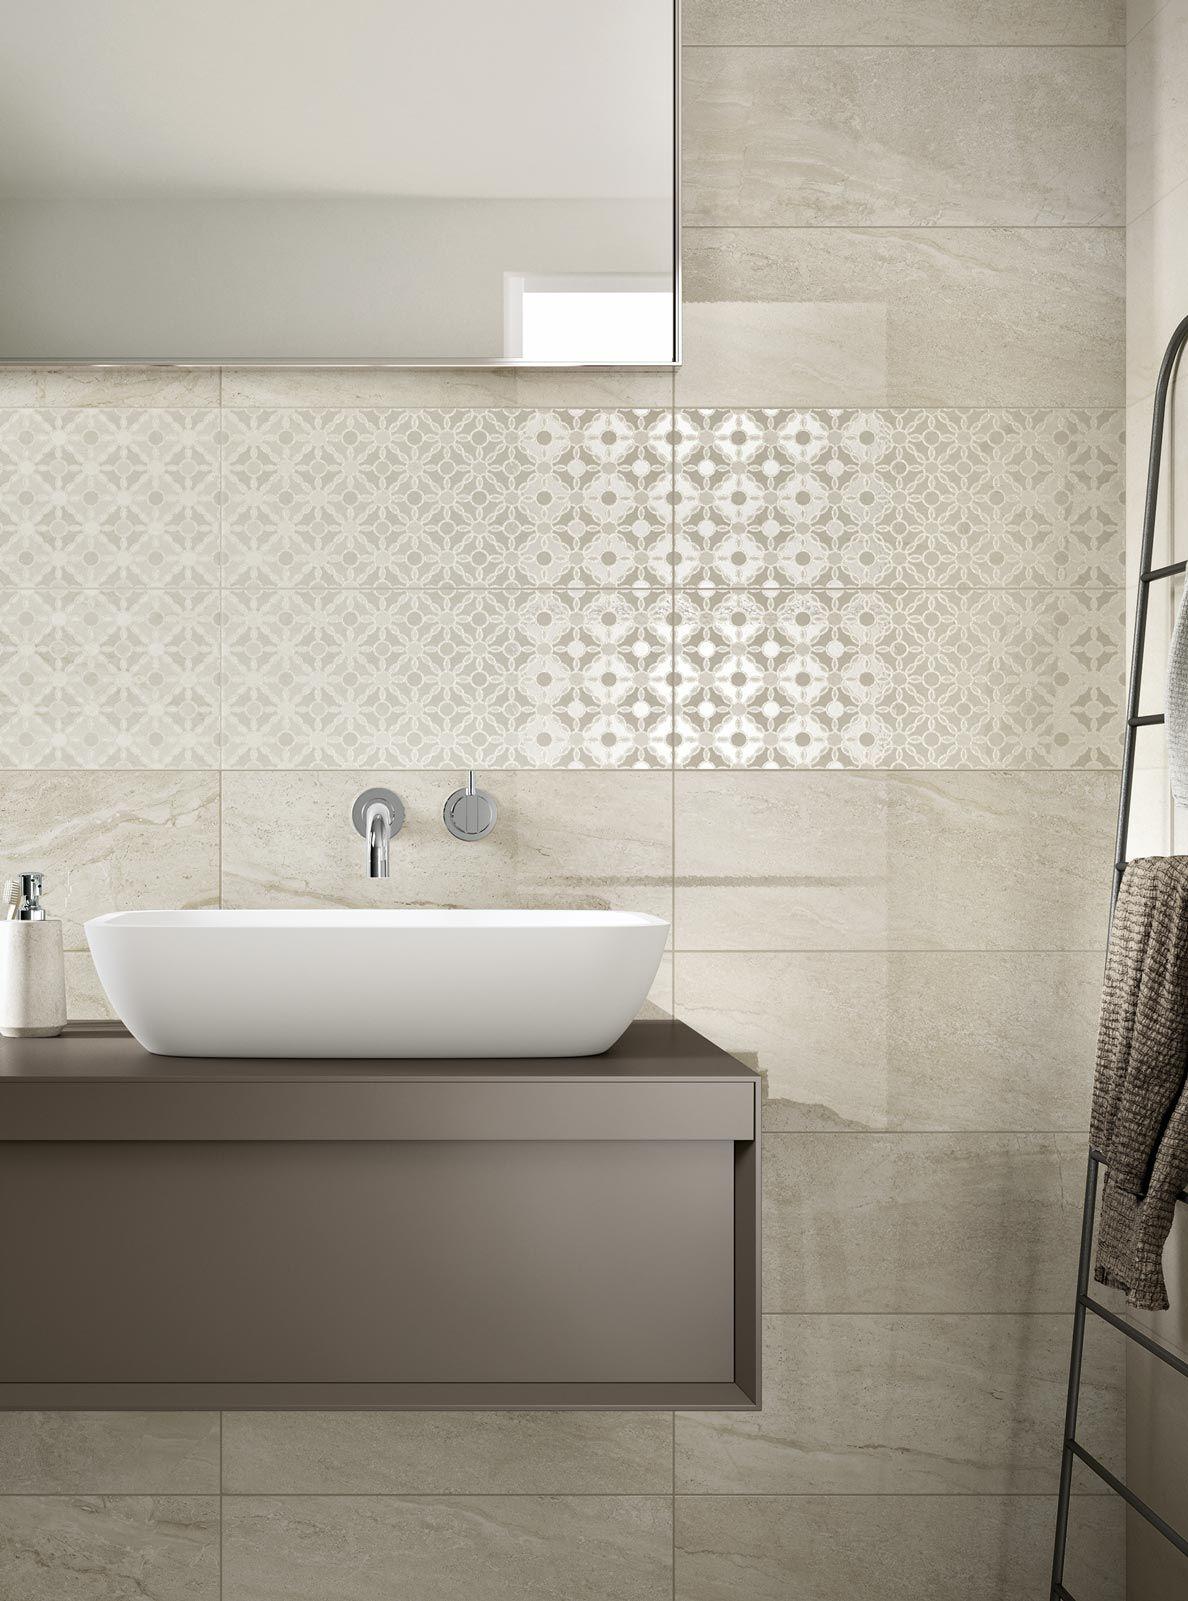 Collezione Grace: Piastrelle in ceramica per il tuo bagno | Ragno ...